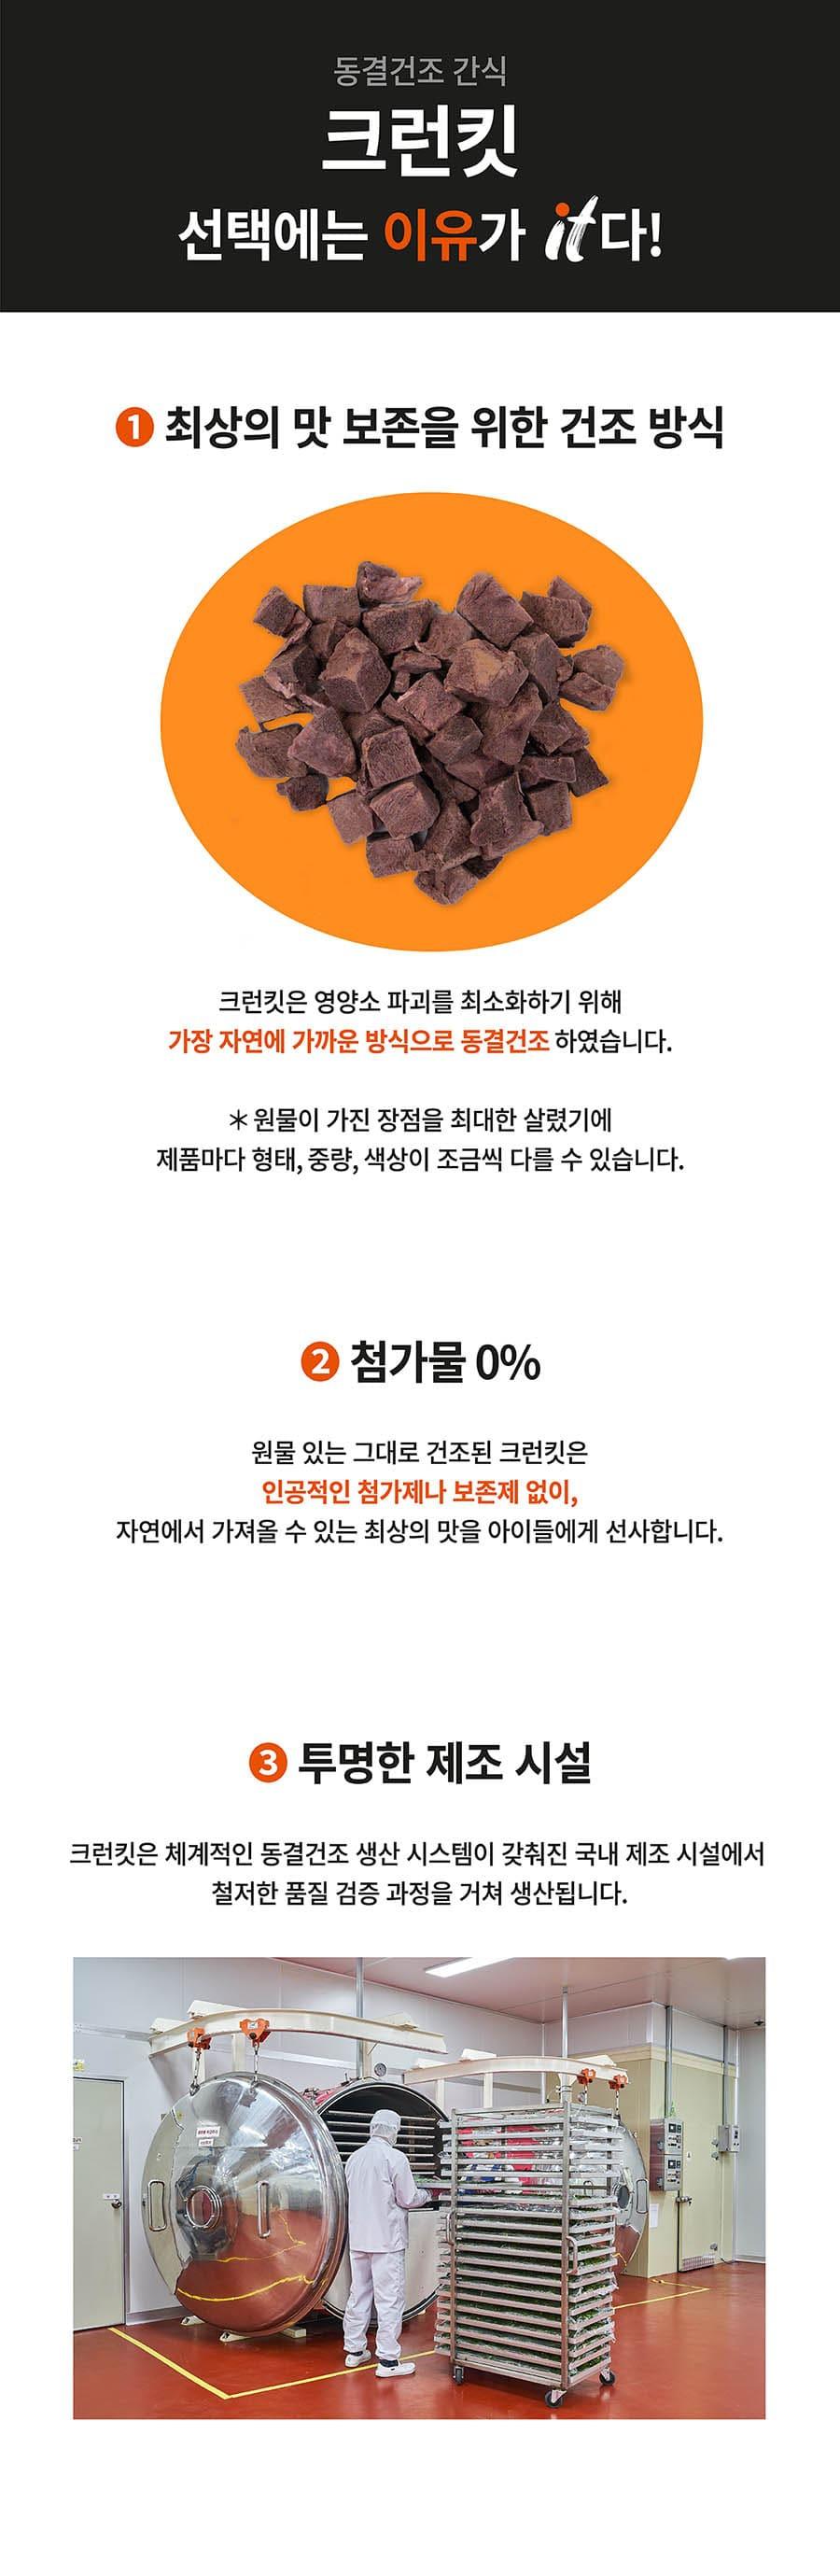 it 크런킷 레어프로틴 (열빙어/캥거루/상어순살/말고기/껍질연어)-상품이미지-19